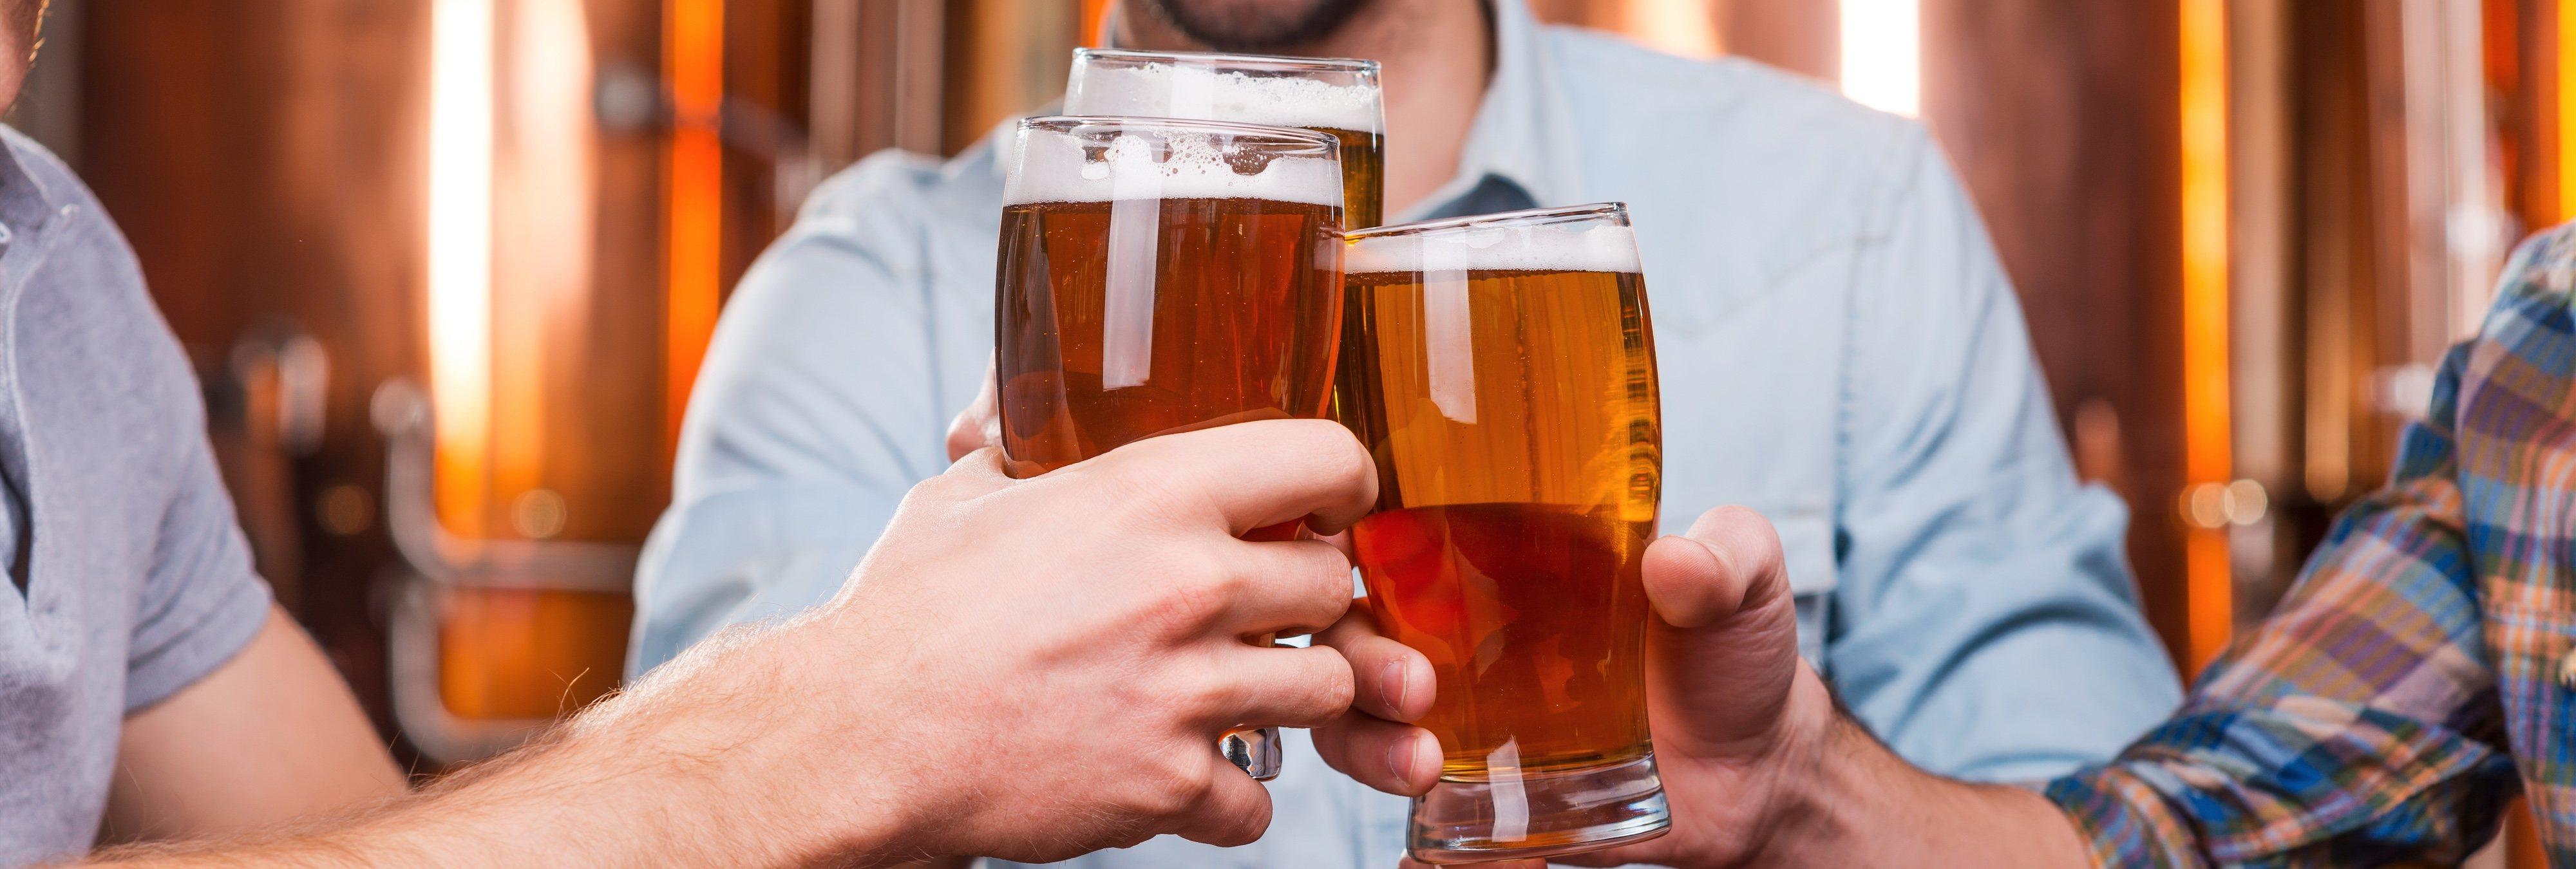 Esto es todo lo que sucede en tu cuerpo minutos después de tomar una caña de cerveza